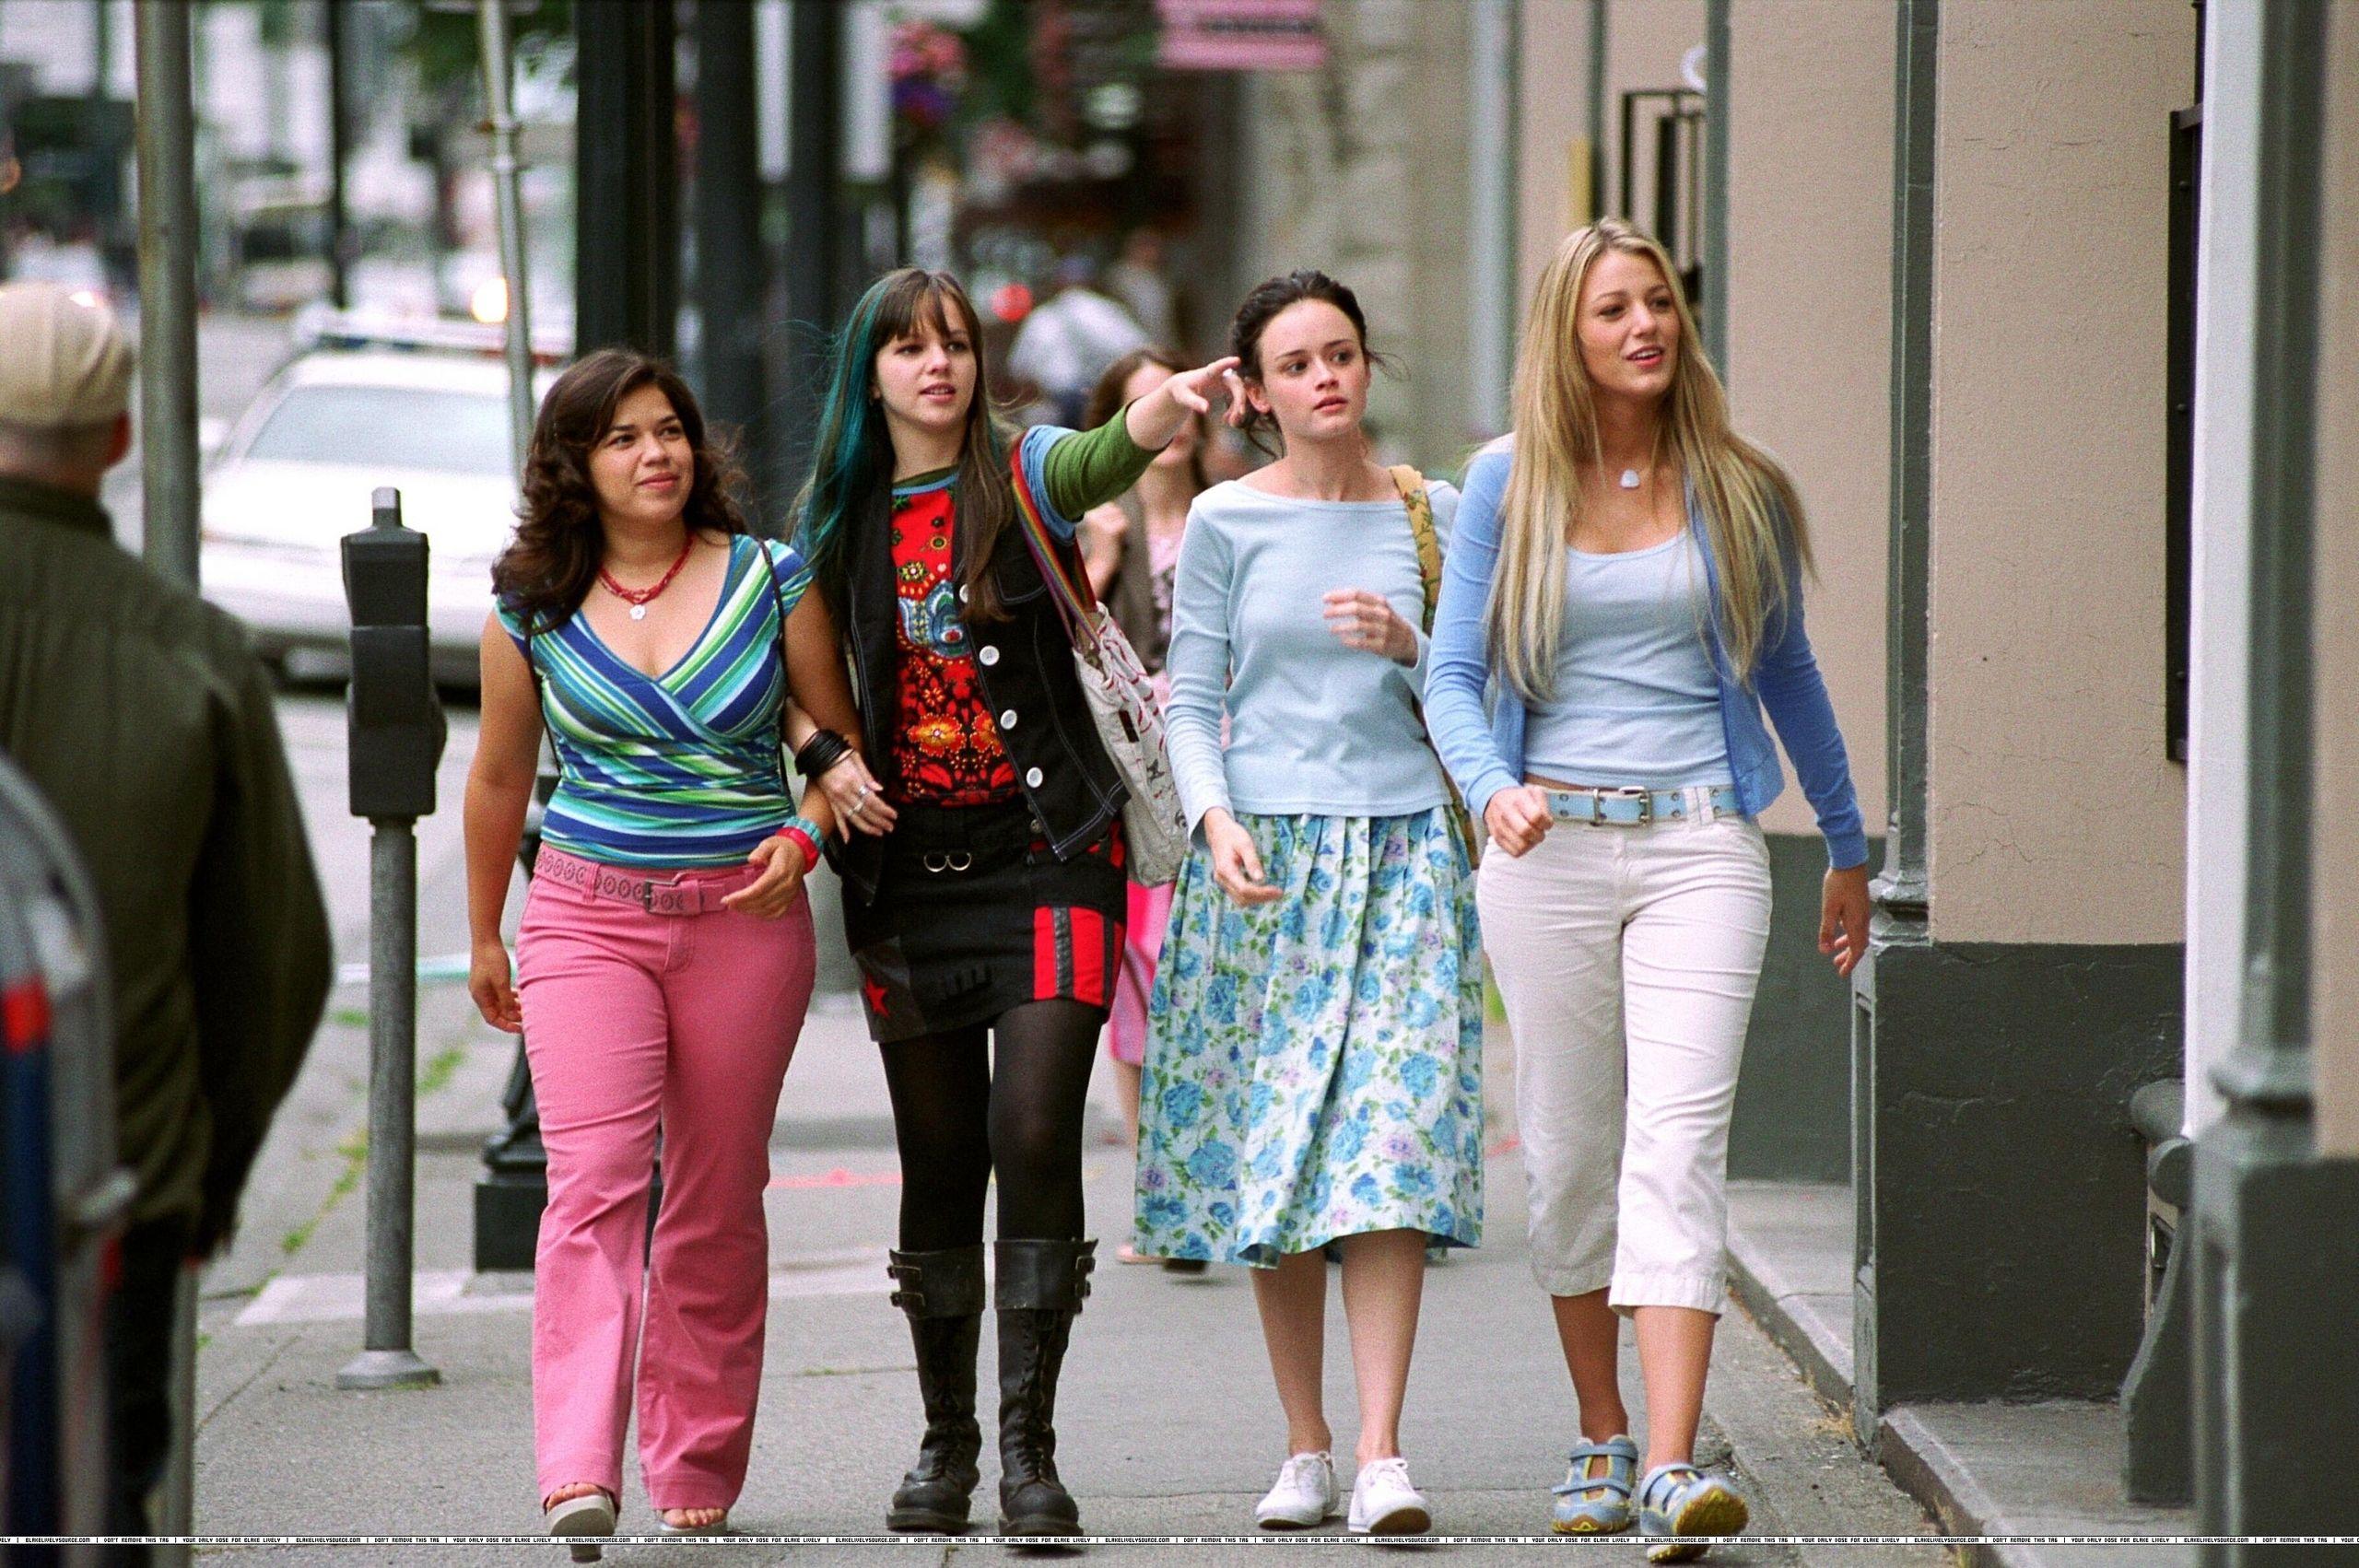 carmen sisterhood of the traveling pants